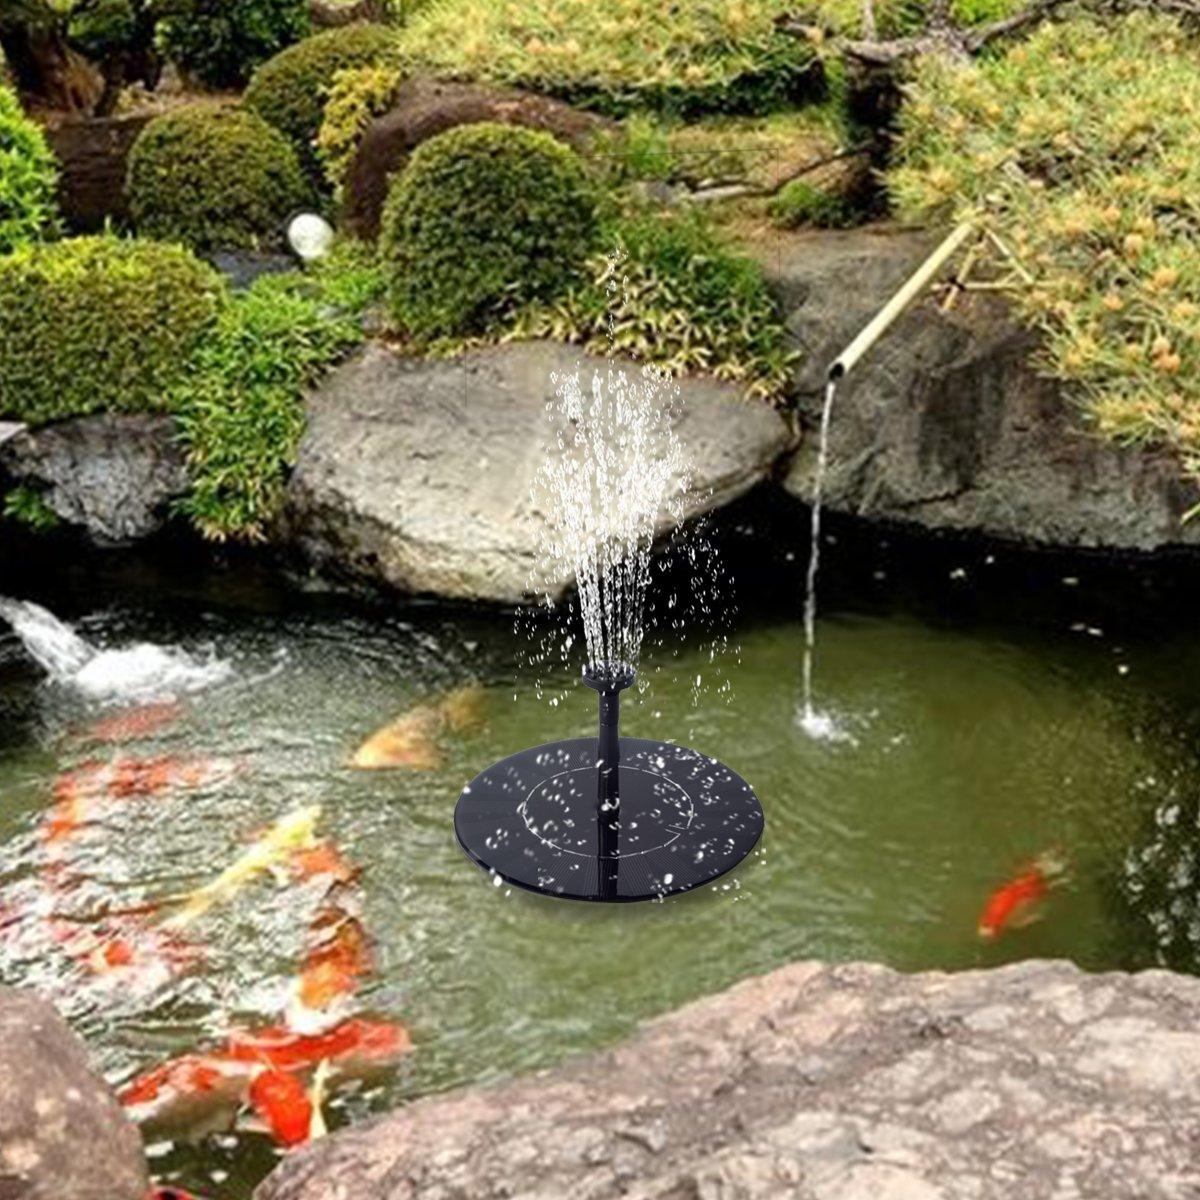 Solar Springbrunnen Garten mit Batterie,KidsHobby Solar Teichpumpe 1.5W Schwimmende Solar Font/äne Solar Wasserpumpe f/ür Gartenteich oder Springbrunnen Vogel-Bad Fisch-Beh/älter